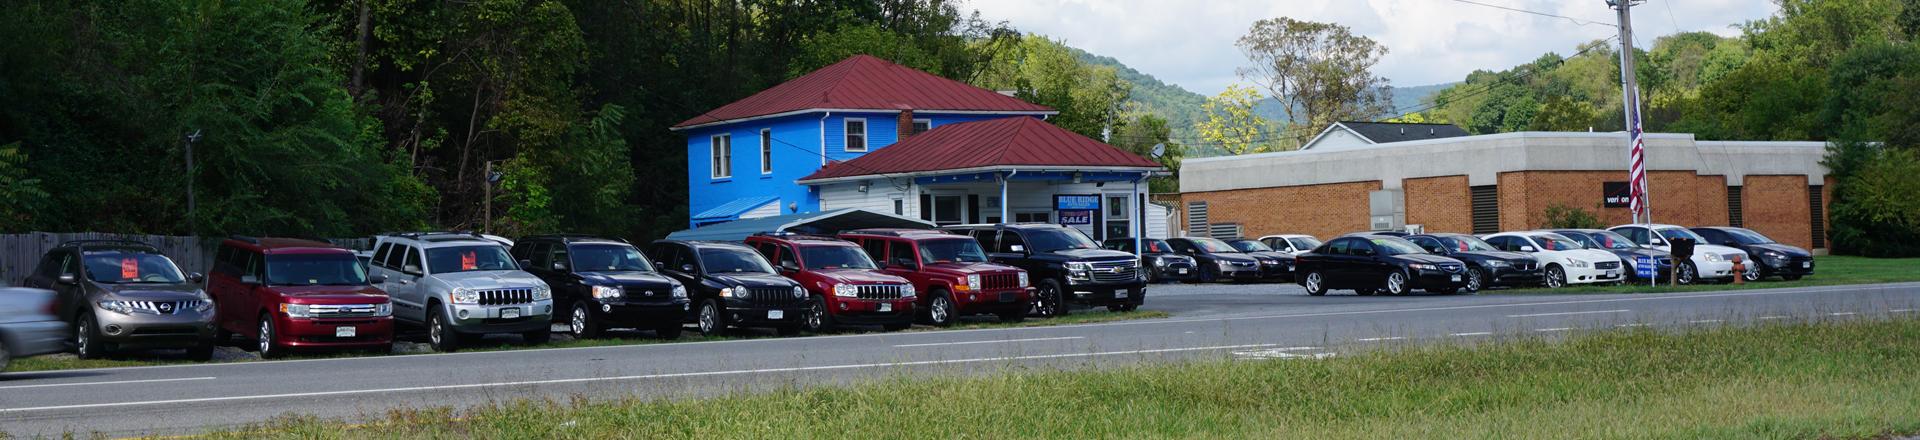 Used Cars Roanoke VA | Used Cars & Trucks VA | Blue Ridge Auto Sales